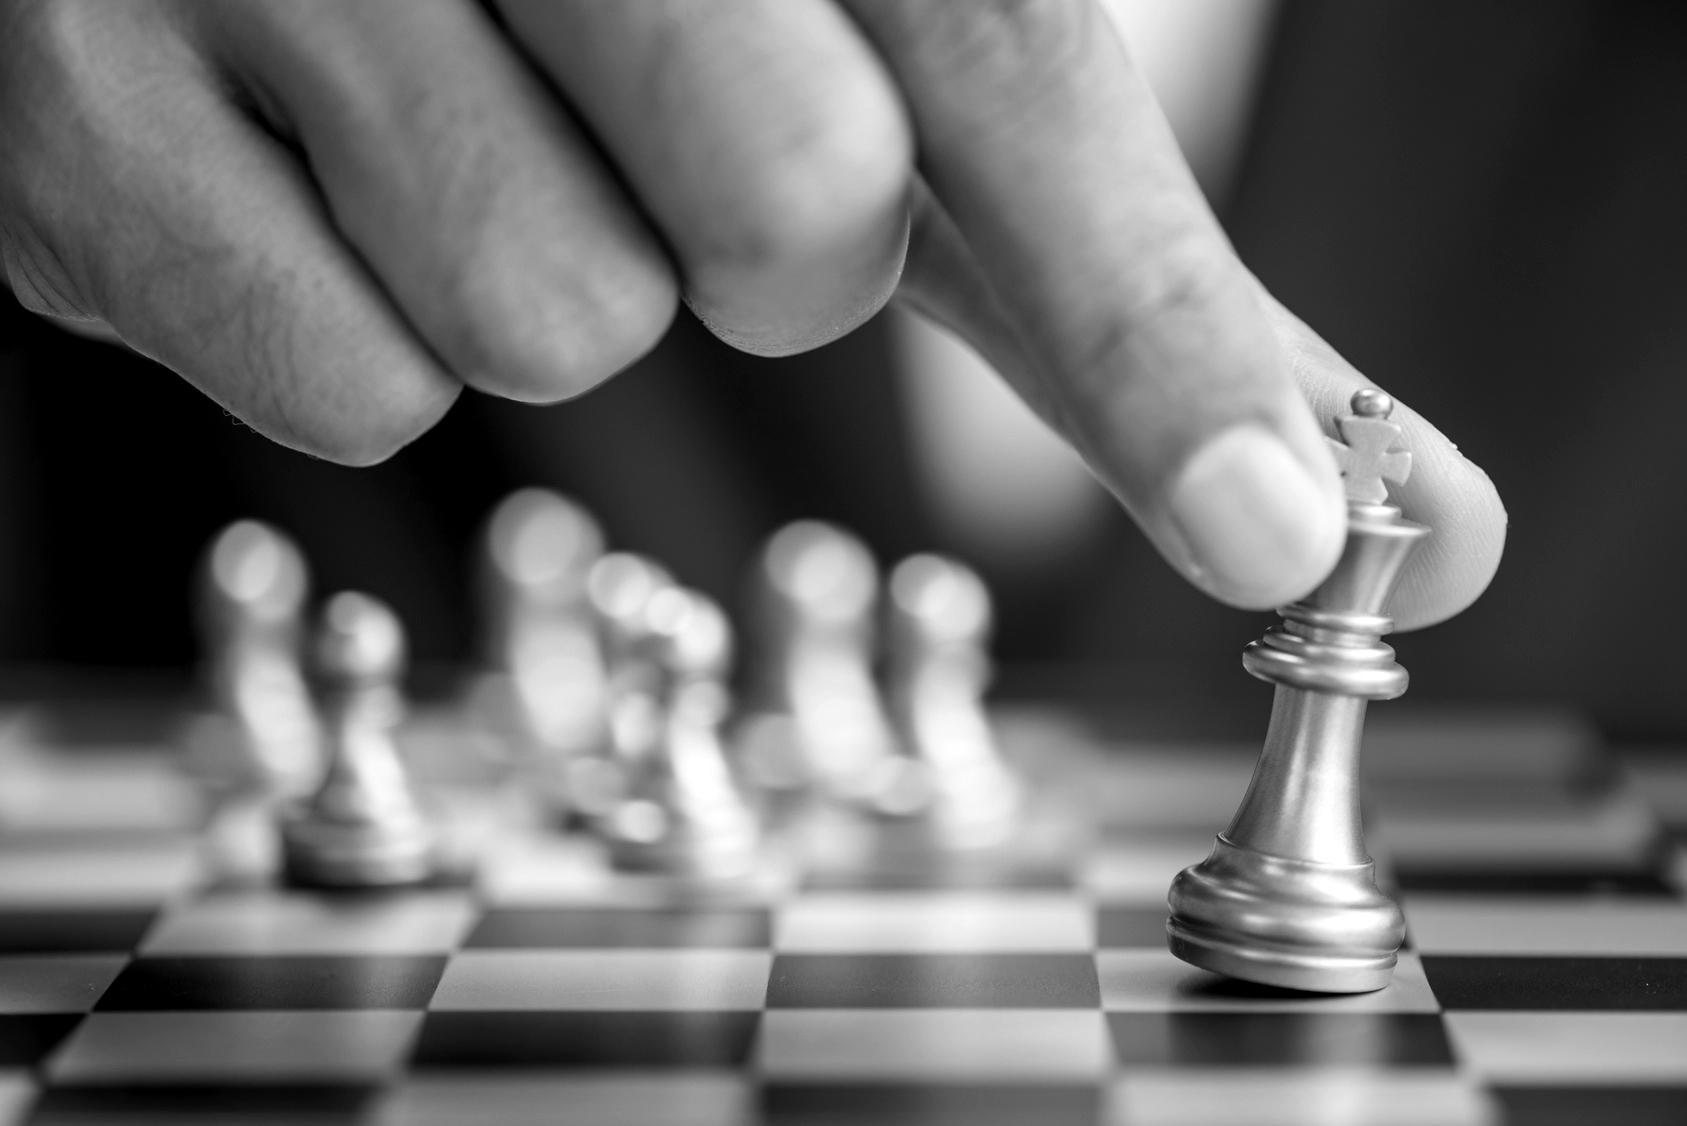 ייצוג אפיטומי מדיקל בעסקה אסטרטגית עם נסטלה